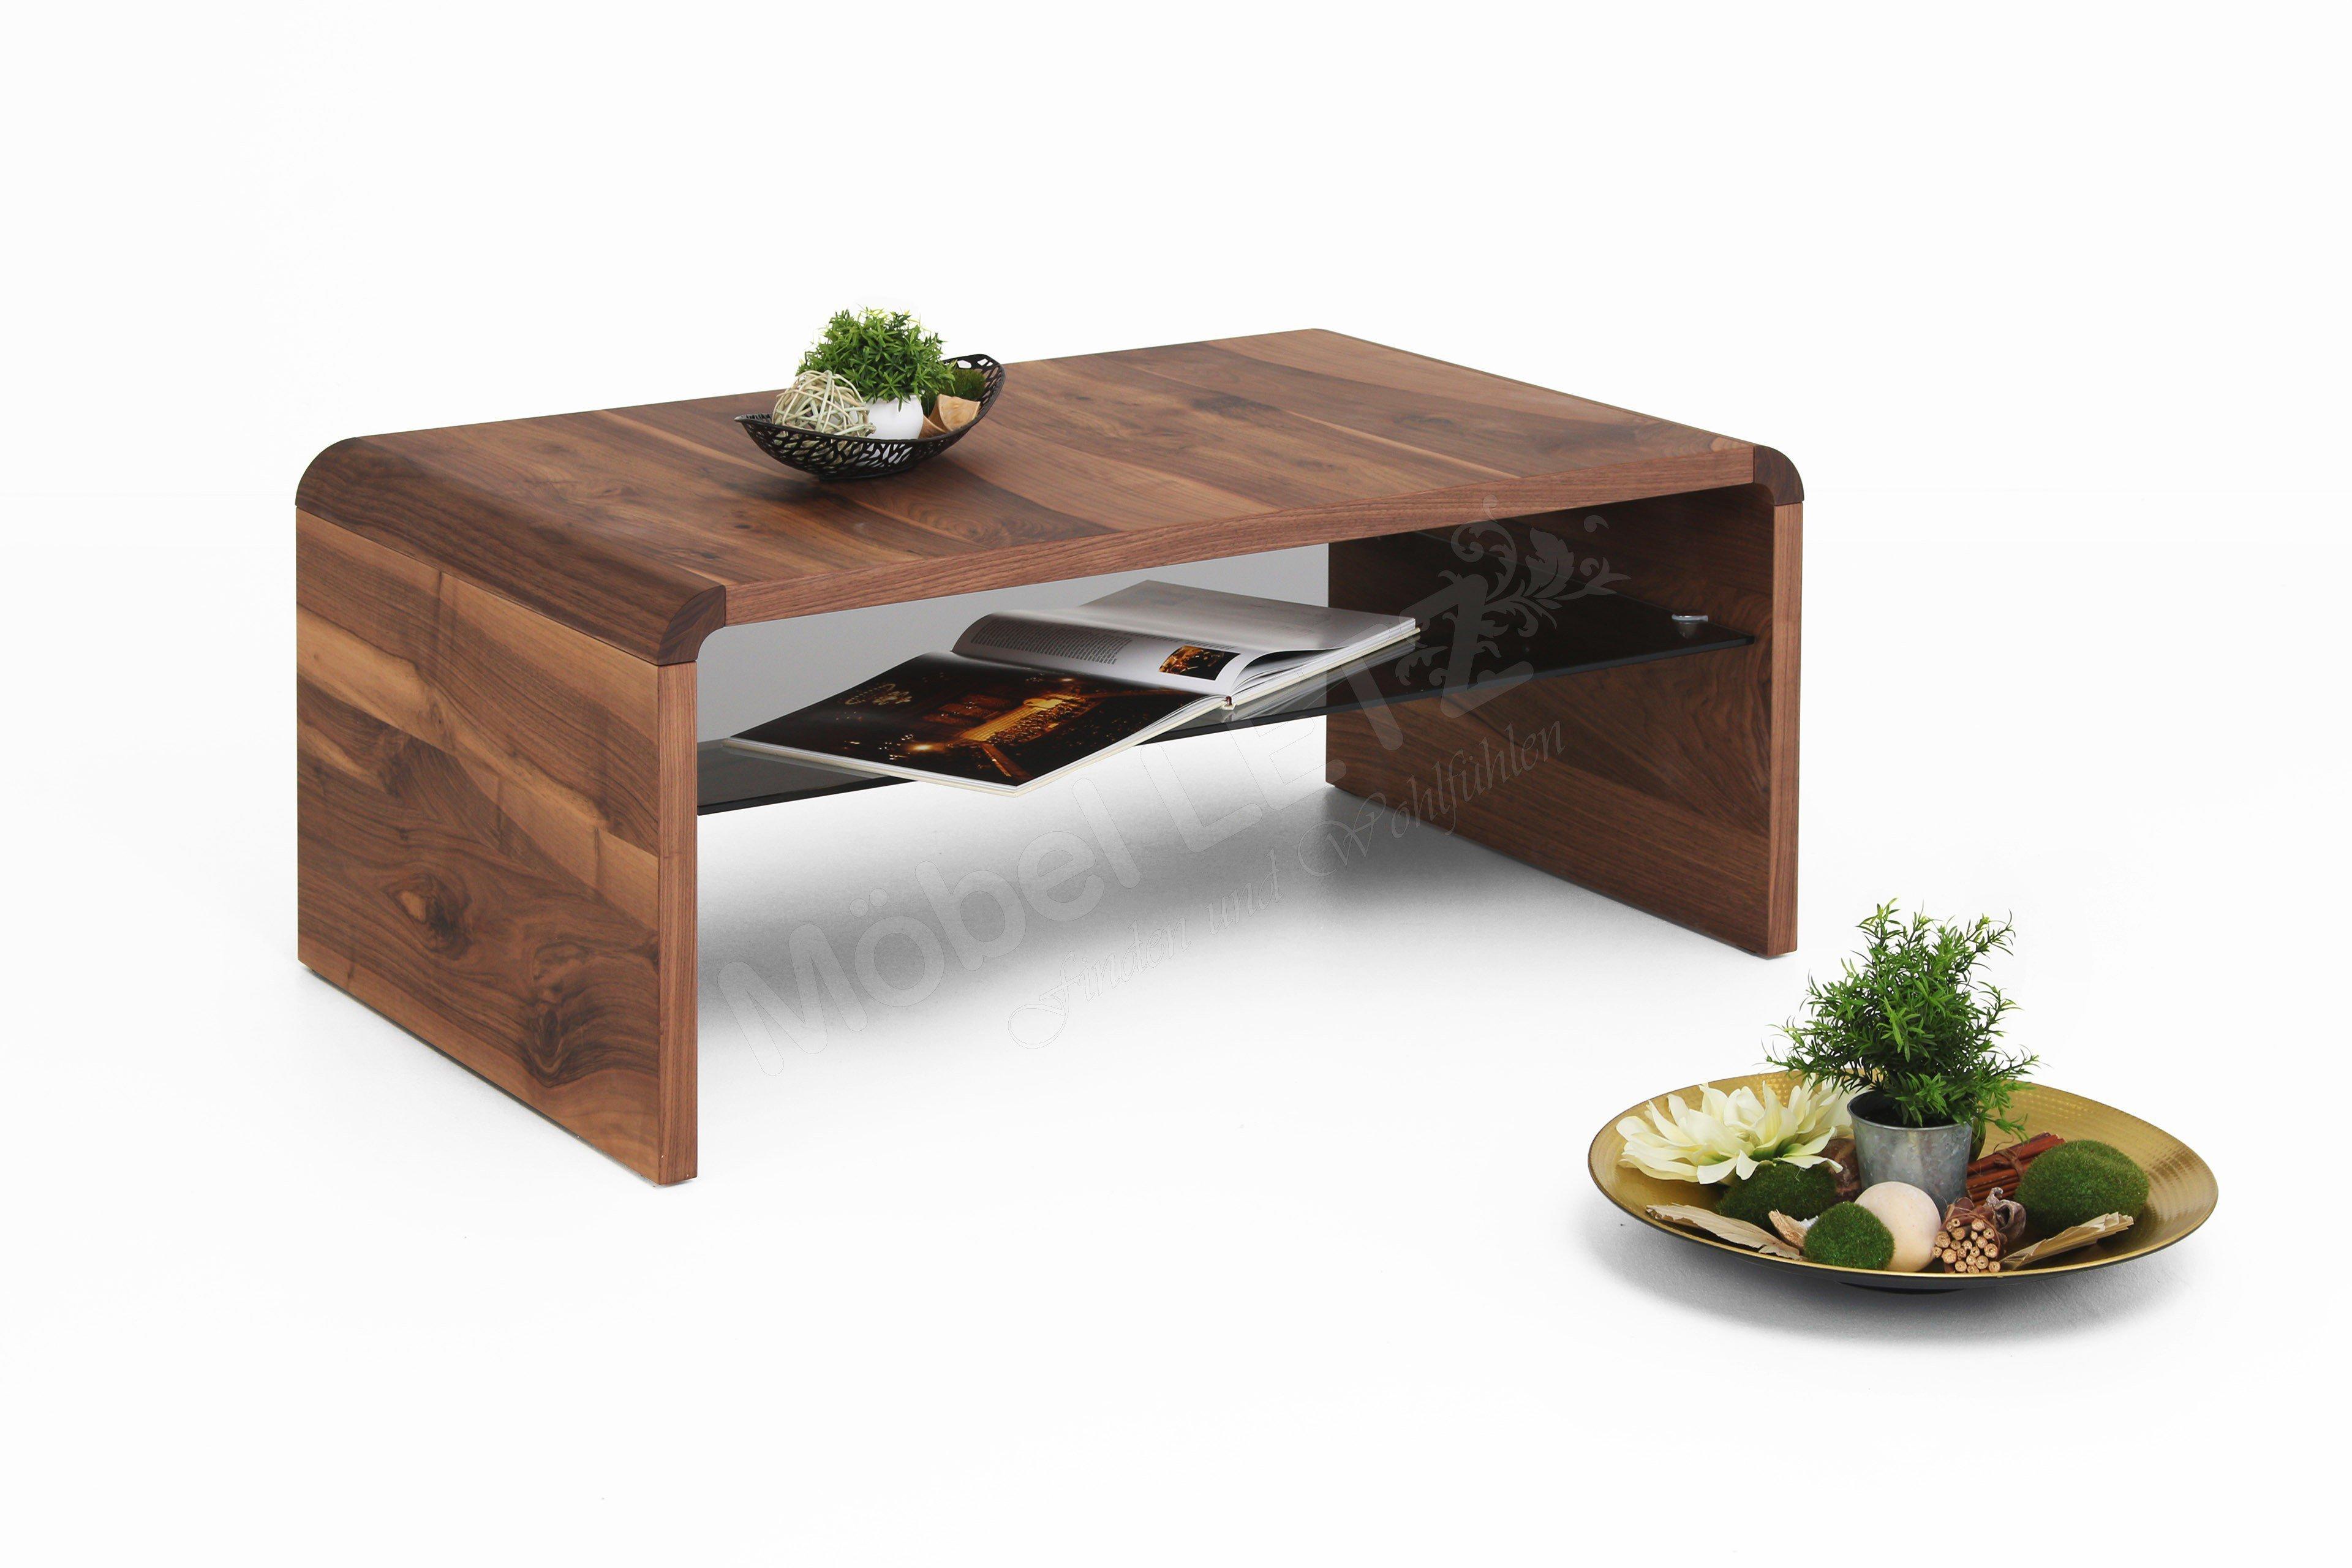 couchtisch ohne ecken couchtisch with couchtisch ohne ecken invicta interior organic ii design. Black Bedroom Furniture Sets. Home Design Ideas